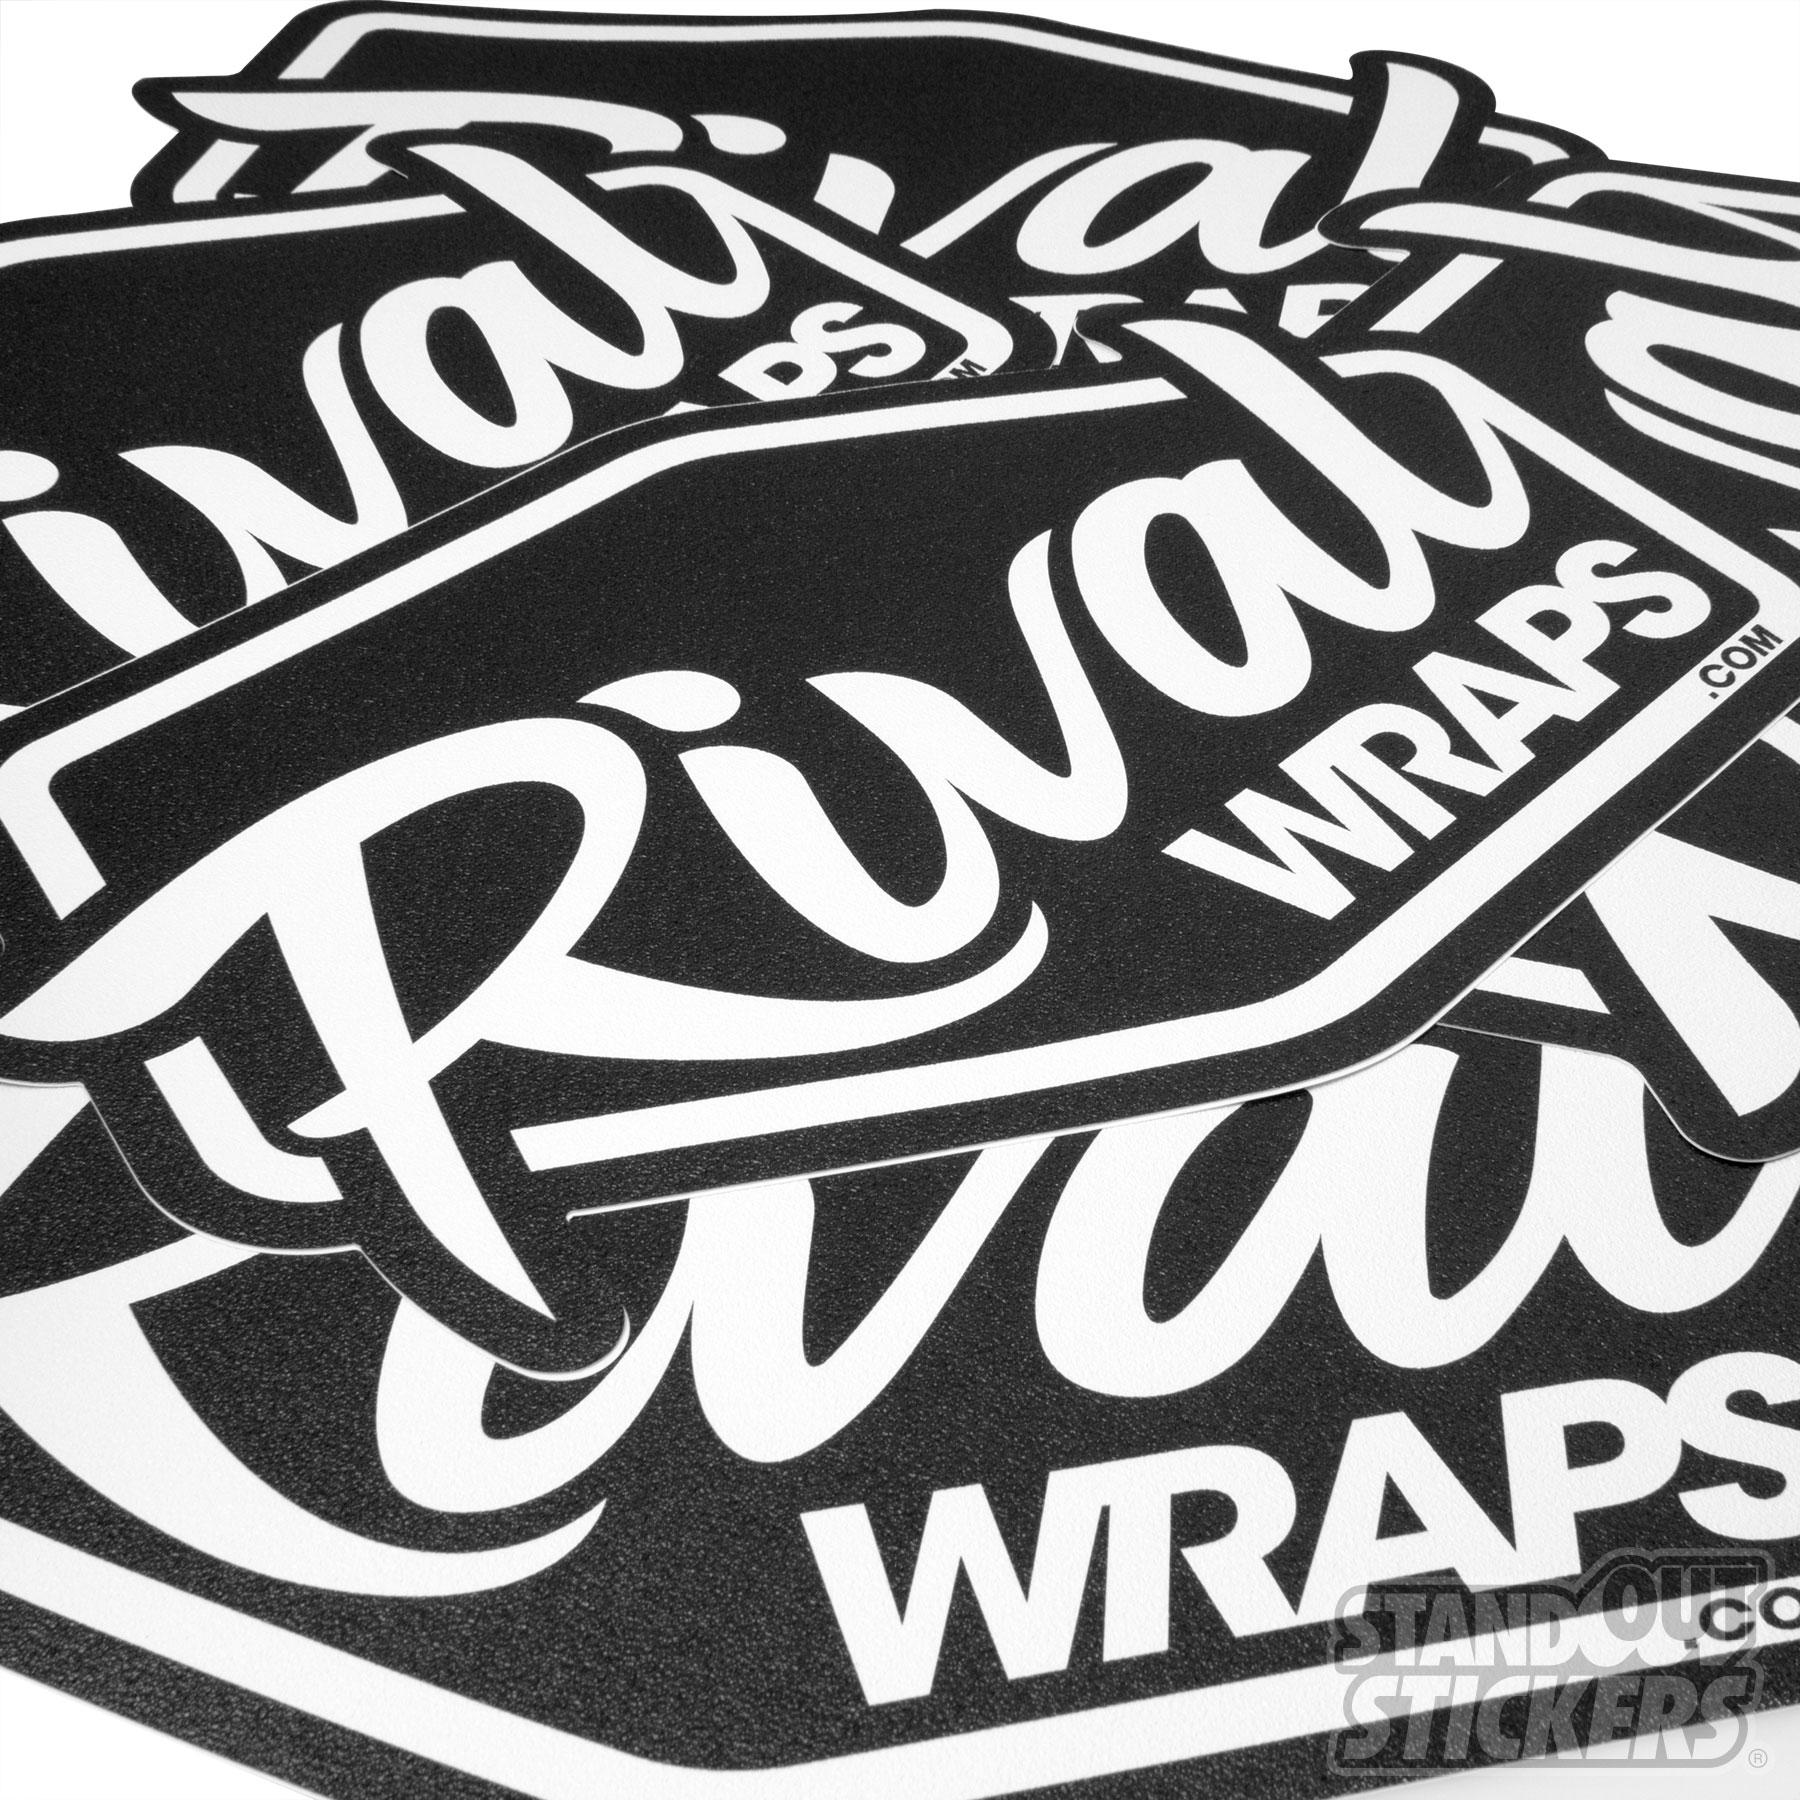 Rival Wraps Die Cut Floor Decals